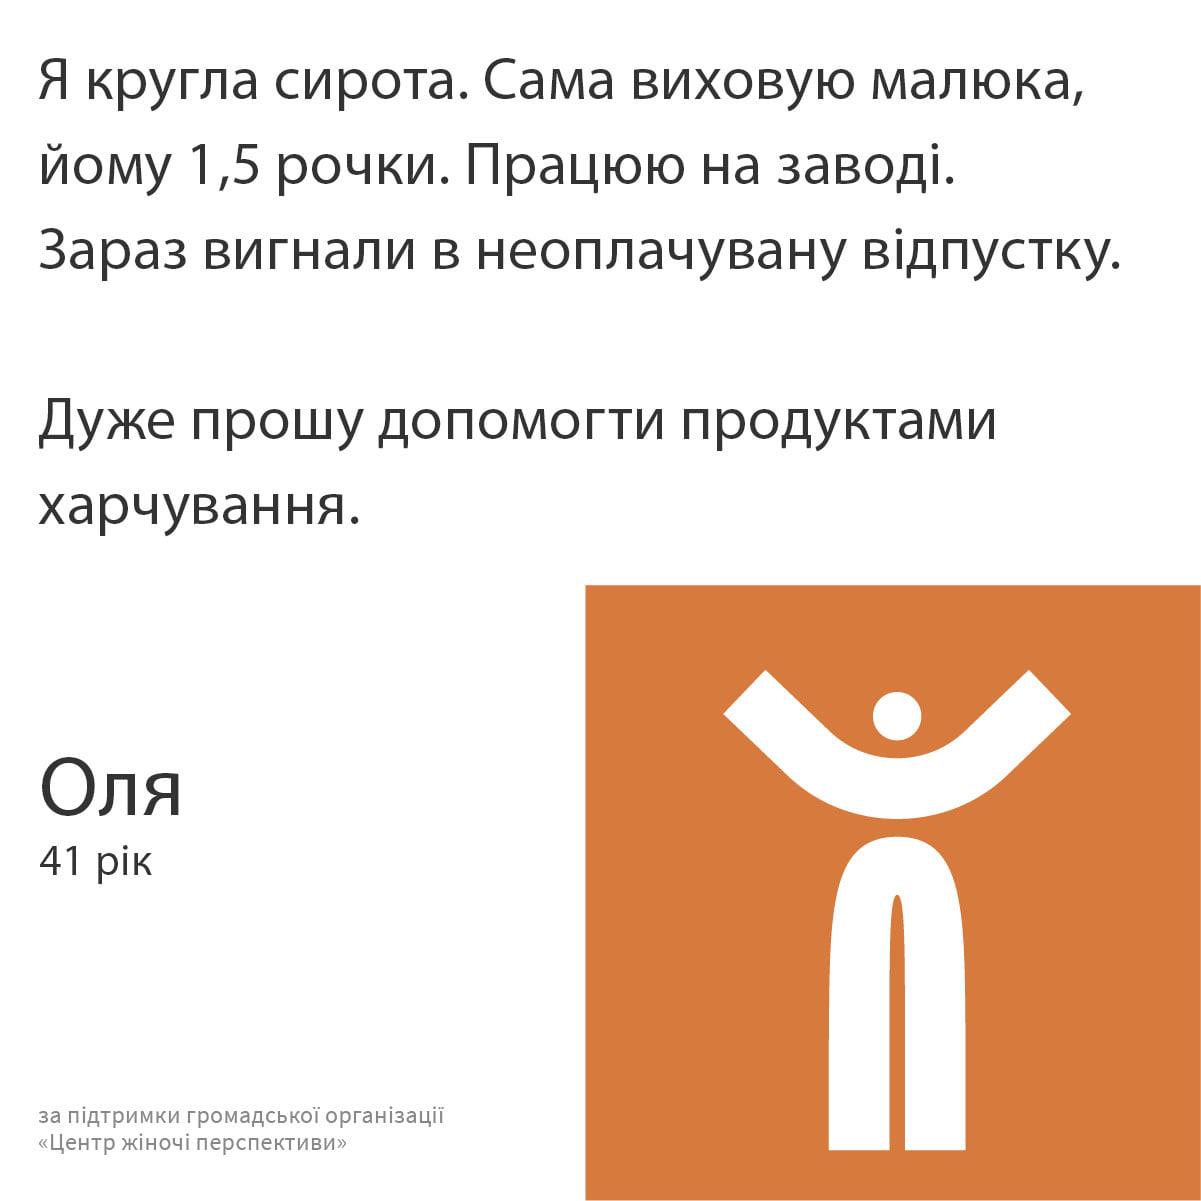 Оля 41